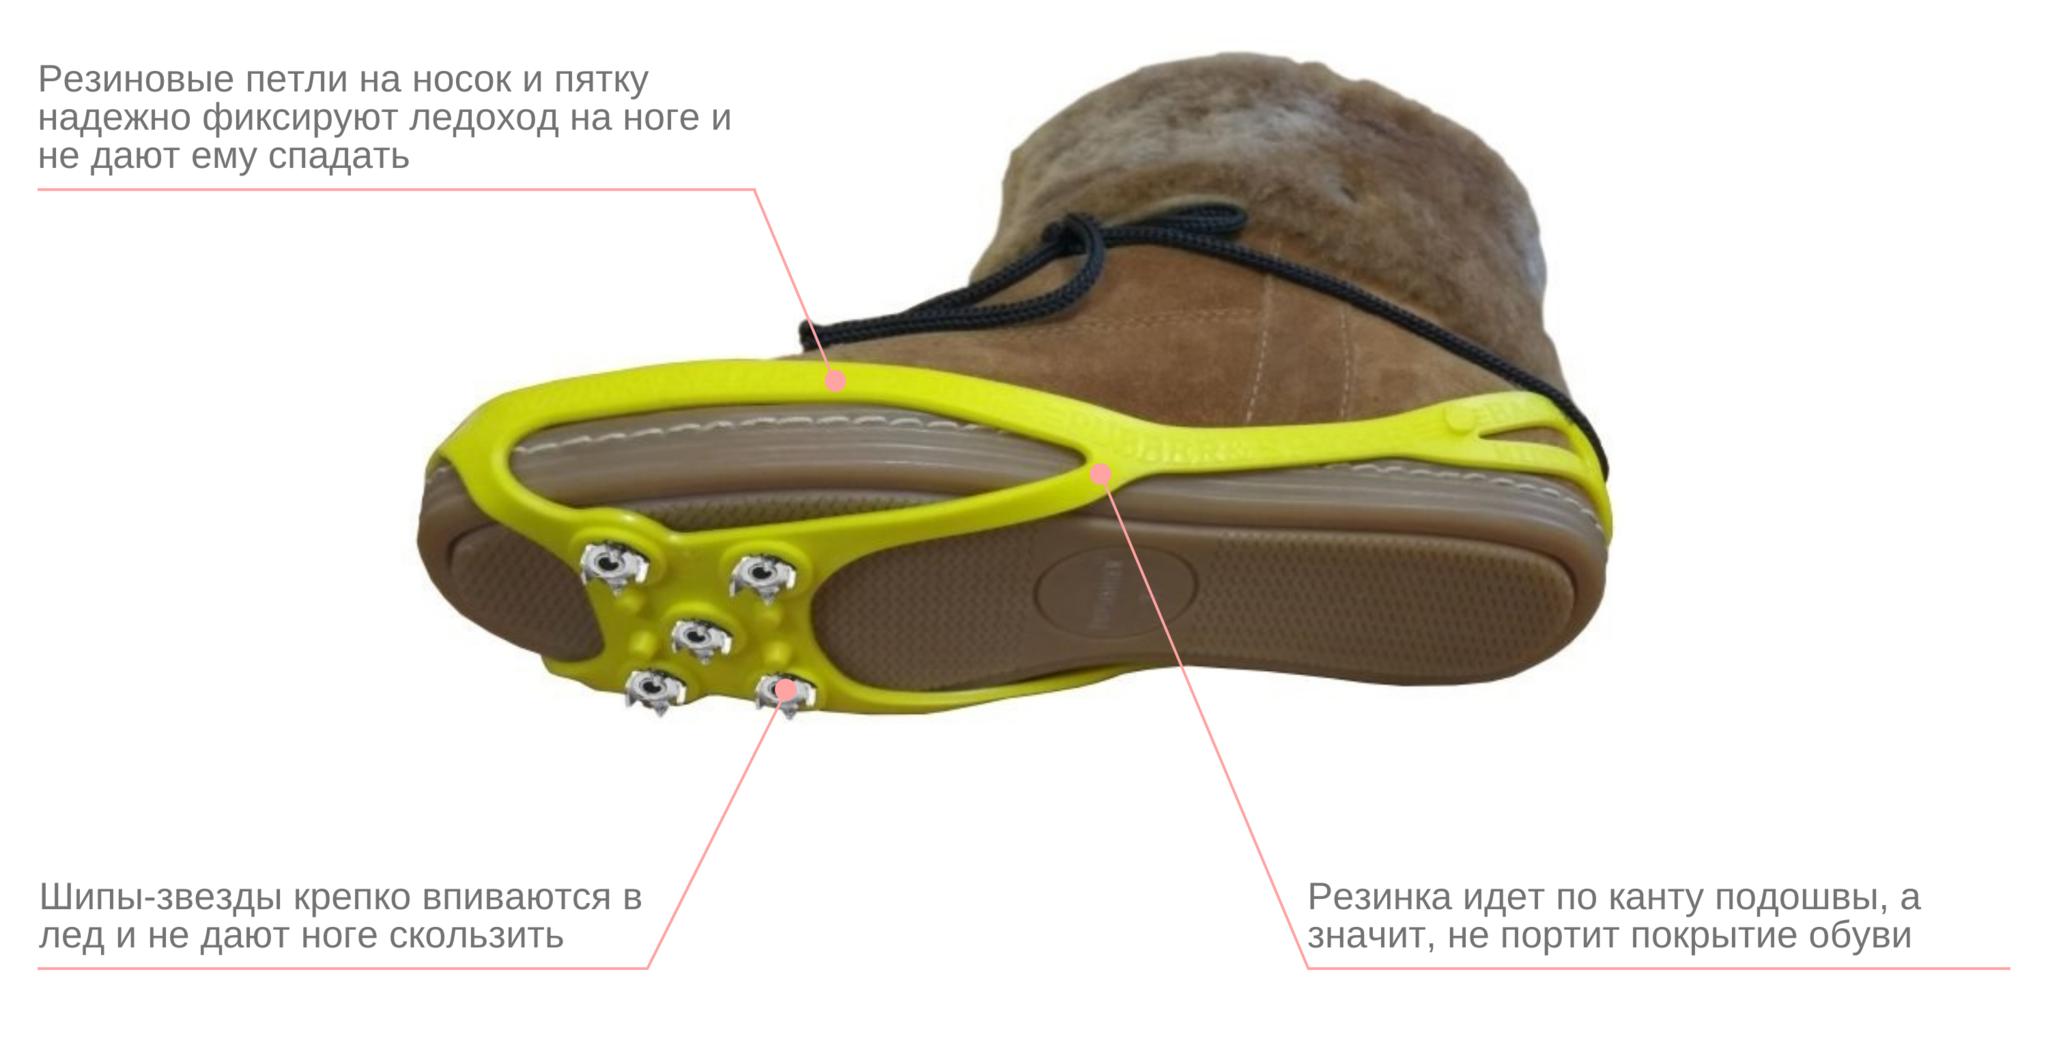 Ледоходы улучшенные на 5 шипах-звездочках с плотной посадкой на любой обуви, цветные